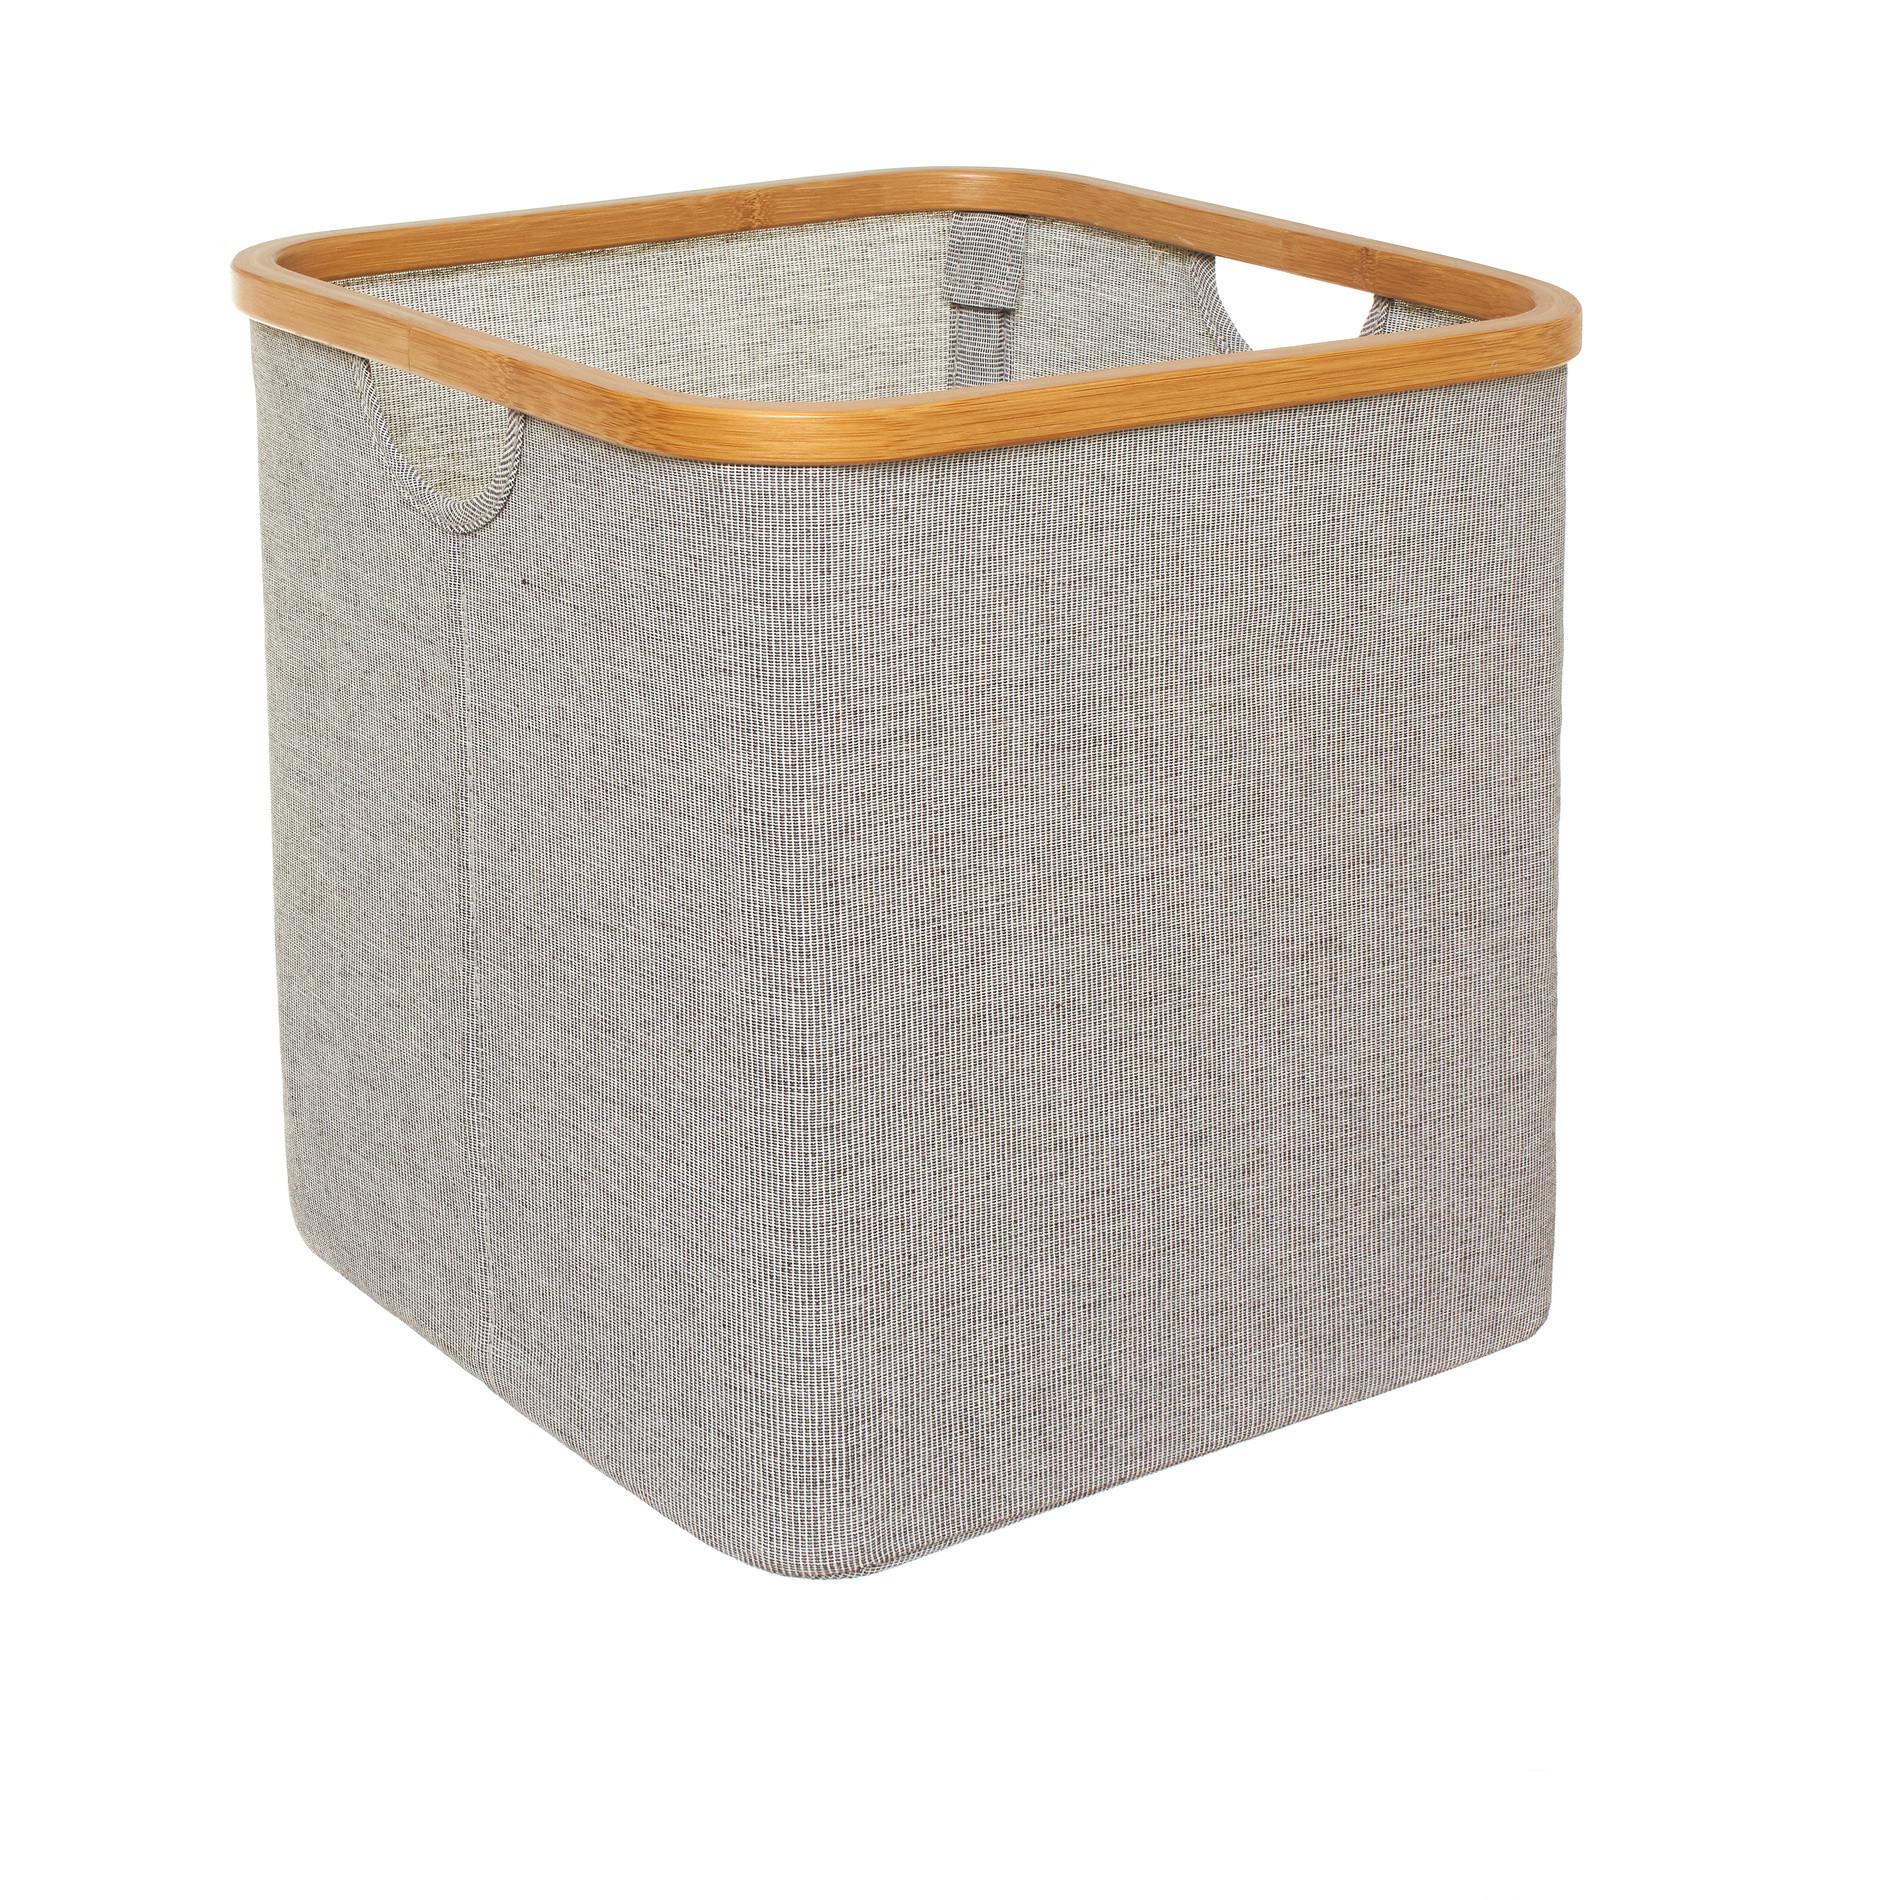 Cesto misto cotone e bordo in bamboo, Grigio, large image number 0